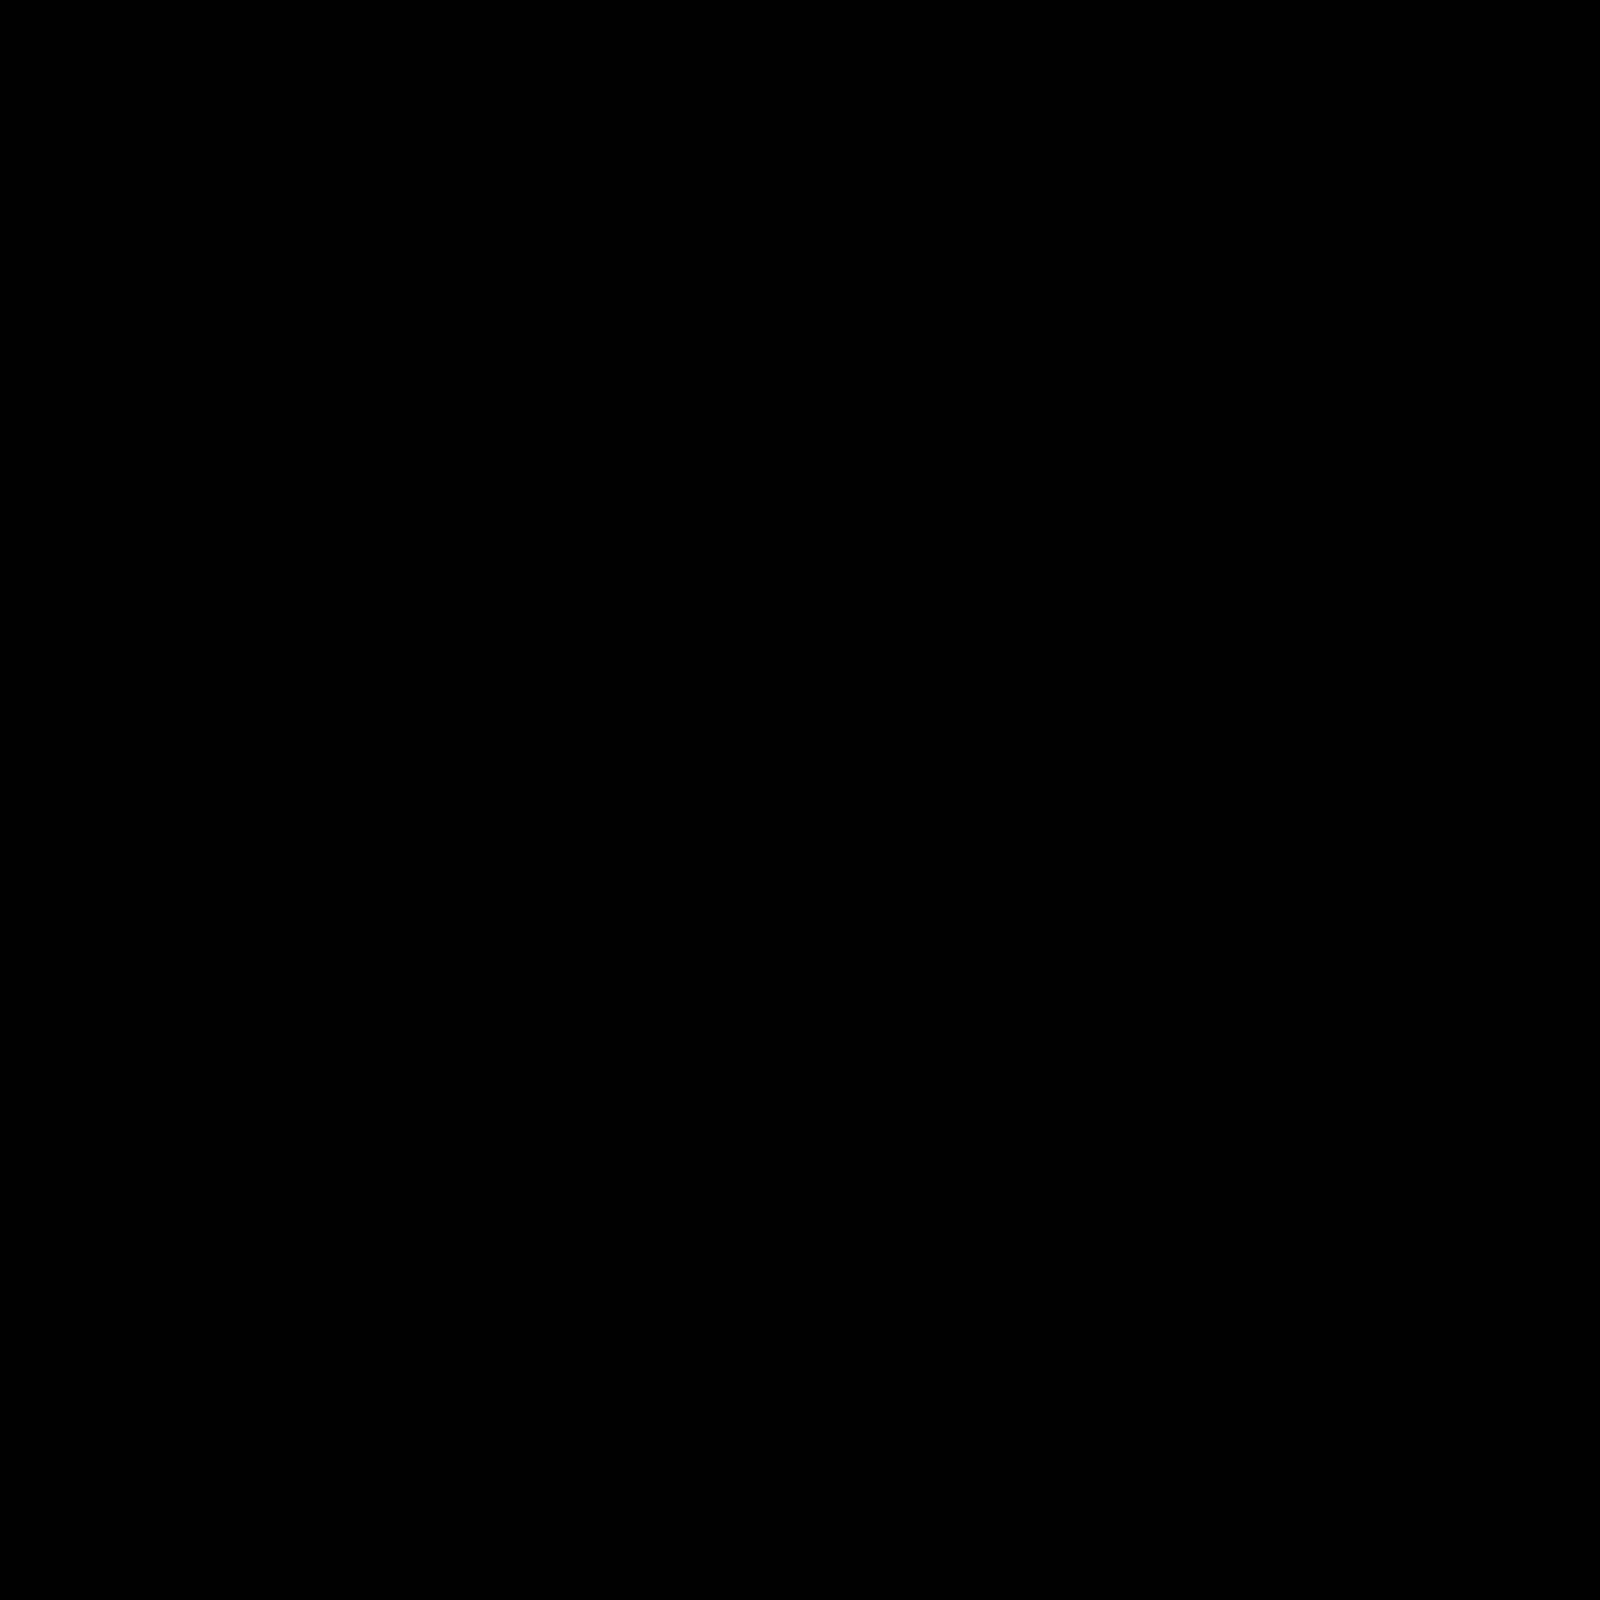 Emoji clipart leaf. Cannabis icon free download